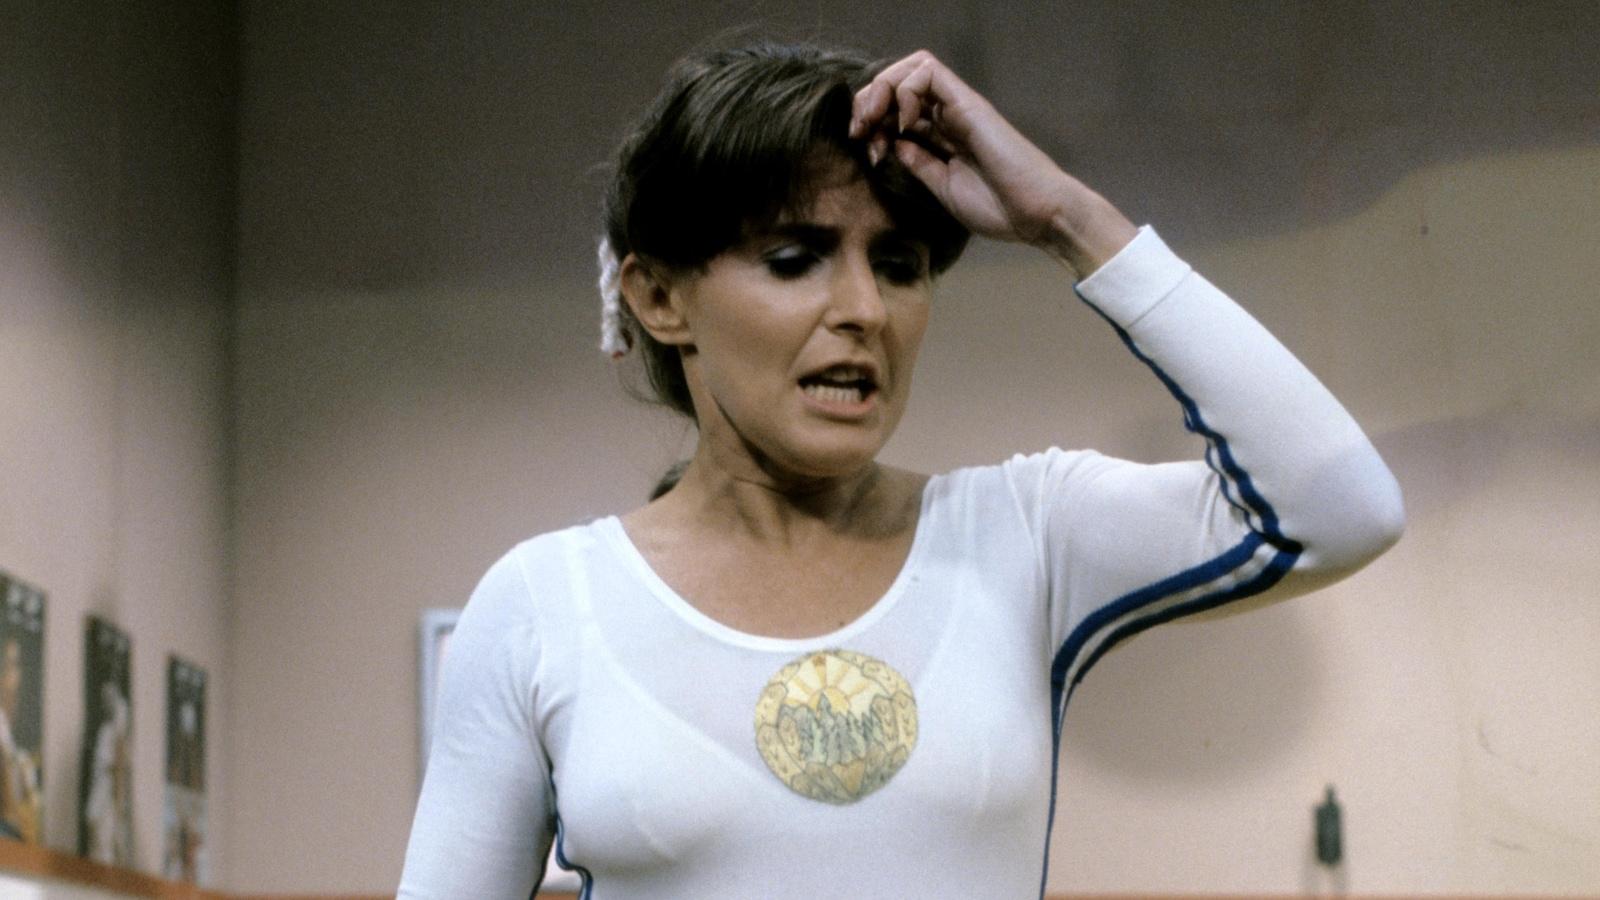 Dominique Michel déguisée en gymnaste.